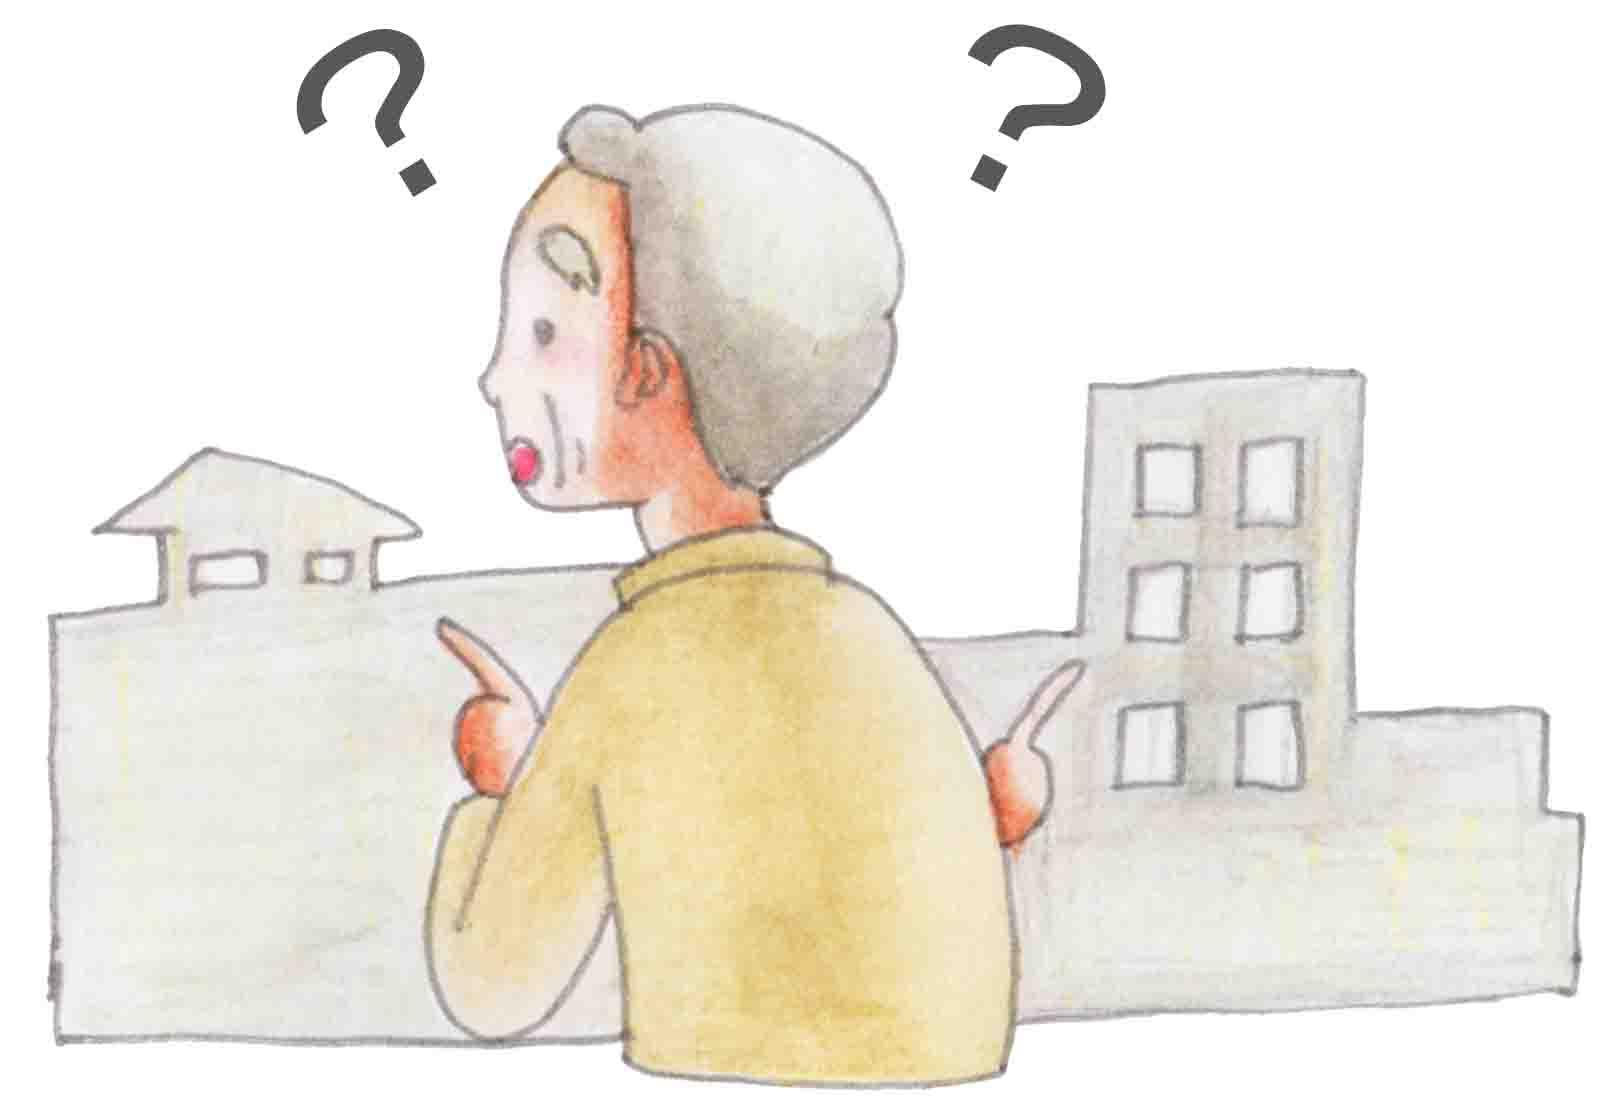 認知症による徘徊を防ぐためには興味の対象を探すこと